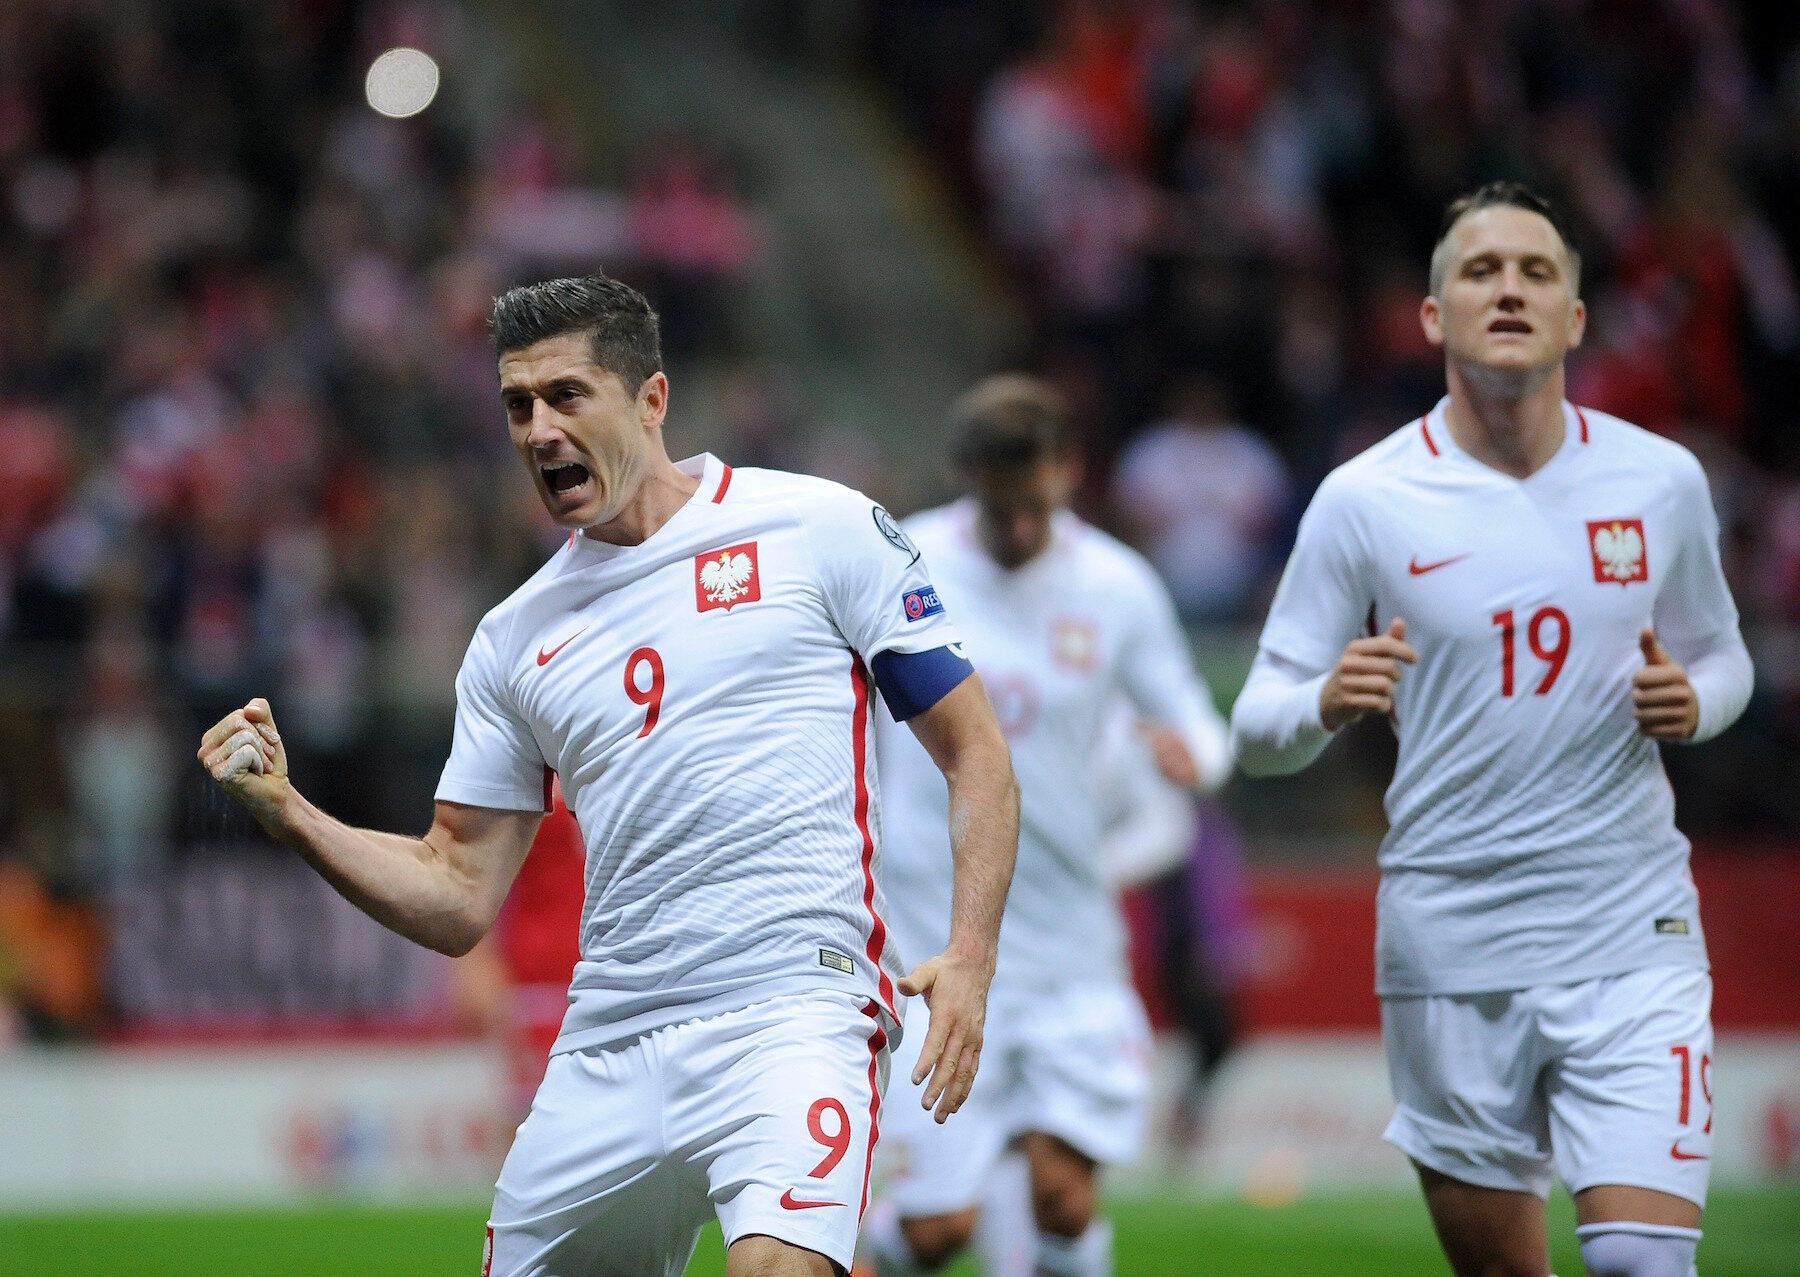 Kadr z meczu Polska - Dania